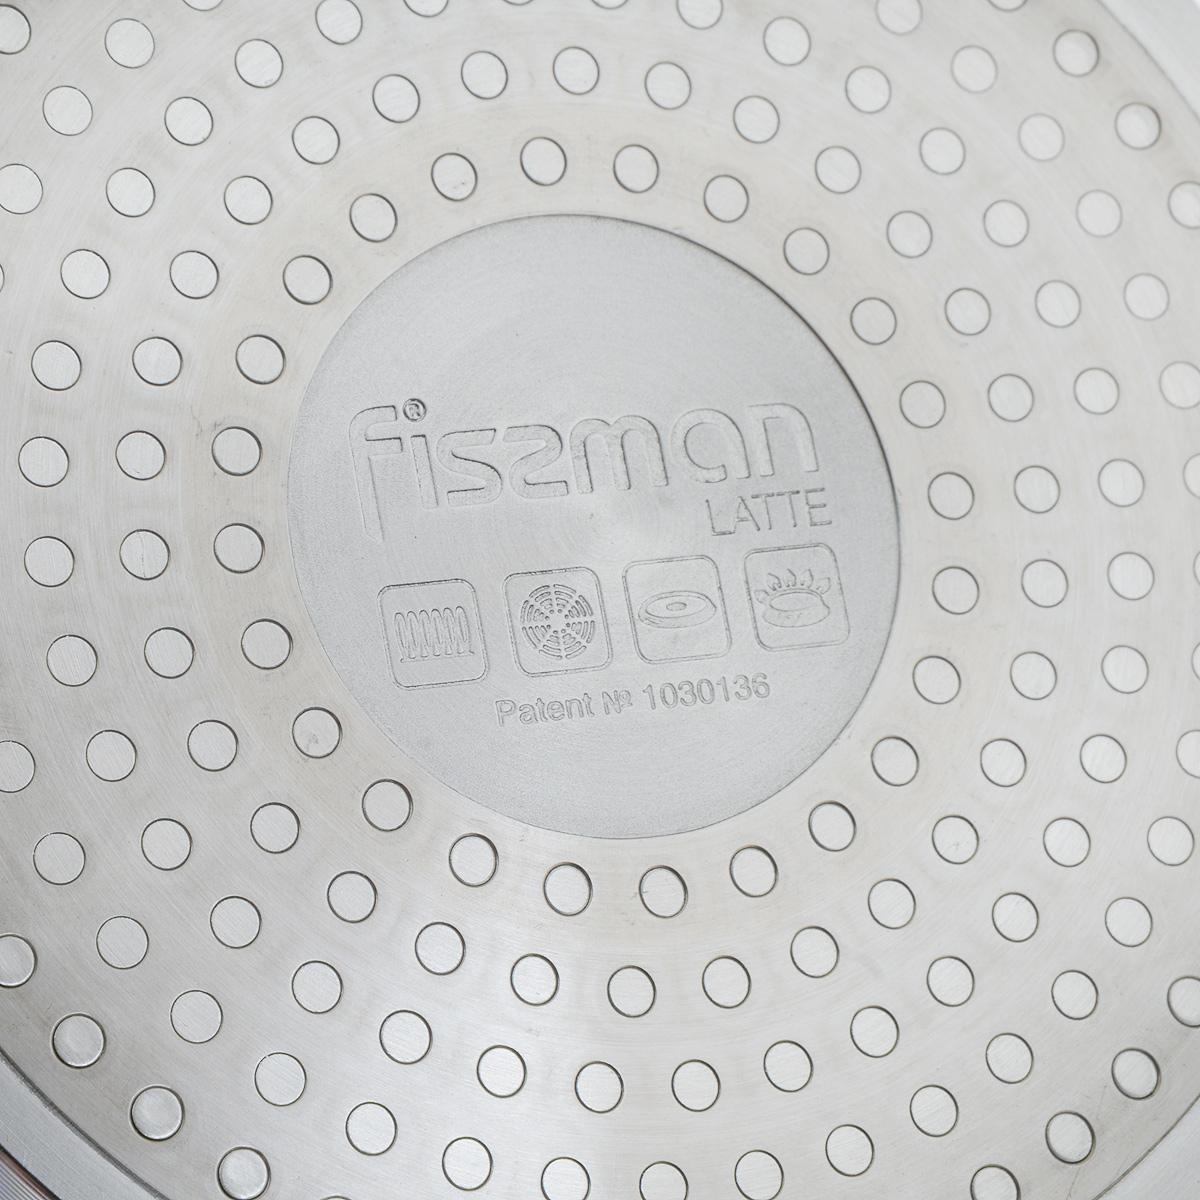 """Глубокая сковорода Fissman """"Latte"""" изготовлена из алюминия со сверхпрочным  антипригарным  покрытием TouchStone, состоящим из нескольких слоев натуральной каменной крошки на  основе  минеральных компонентов. Такое покрытие безопасно для здоровья человека и не вредит  окружающей среде. Индукционное дно быстро и равномерно прогревается, что позволяет  избежать недожаренных продуктов.  Сковорода имеет удобную бакелитовую ручку, которая не скользит в мокрых руках и не  нагревается в процессе приготовления.   Использование сковороды Fissman """"Latte"""" создаст новые яркие впечатления при  приготовлении  ваших блюд. Подходит для газовых, электрических, стеклокерамических и индукционных плит. Можно  мыть в посудомоечной машине.  Высота стенки: 5,5 см.  Длина ручки: 17 см. Диаметр (по верхнему краю): 20 см."""